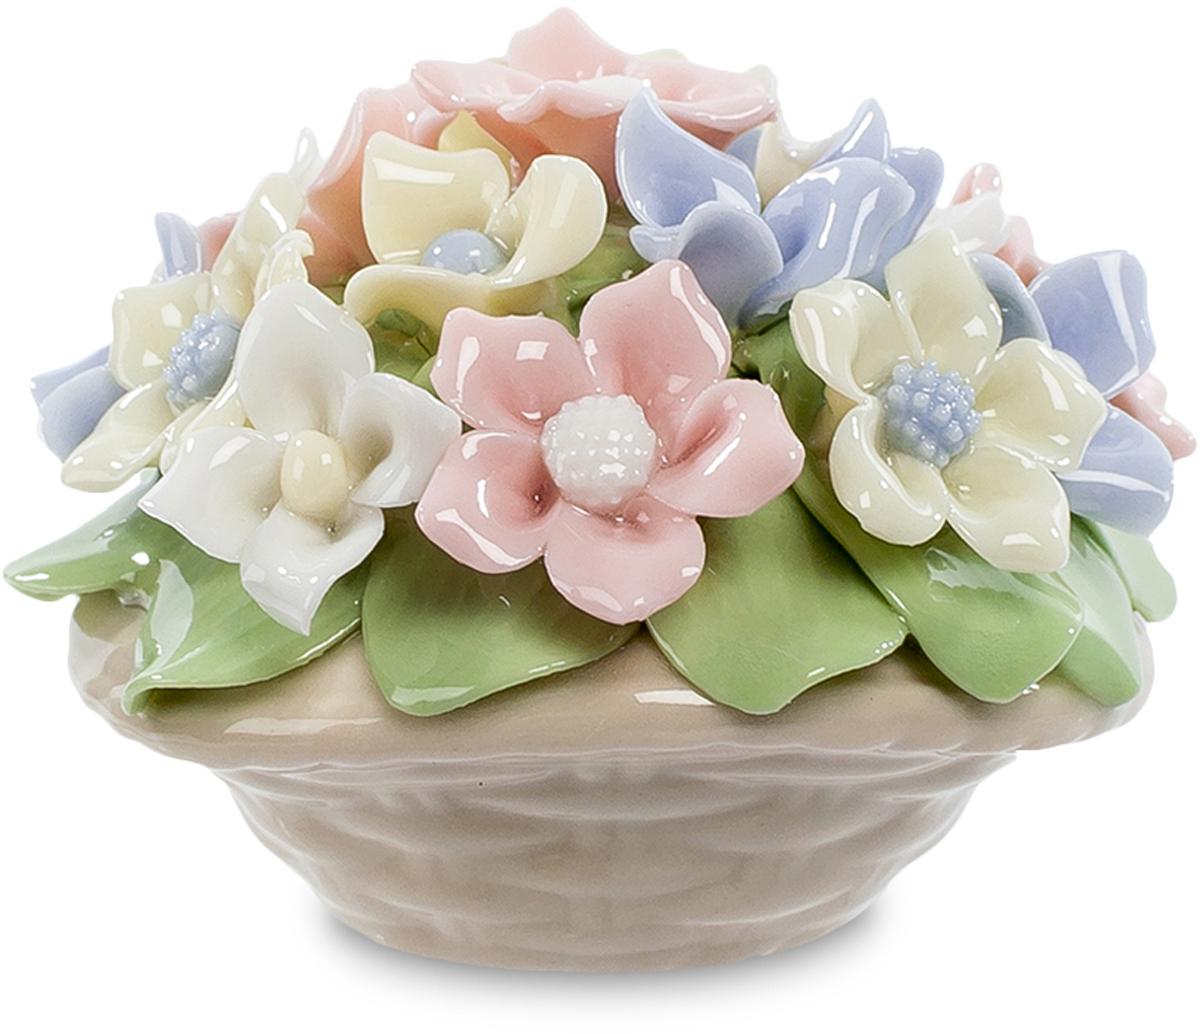 Композиция Pavone Горшочек с цветами. CMS-33/45 статуэтка pavone влюбленные cms 10 37